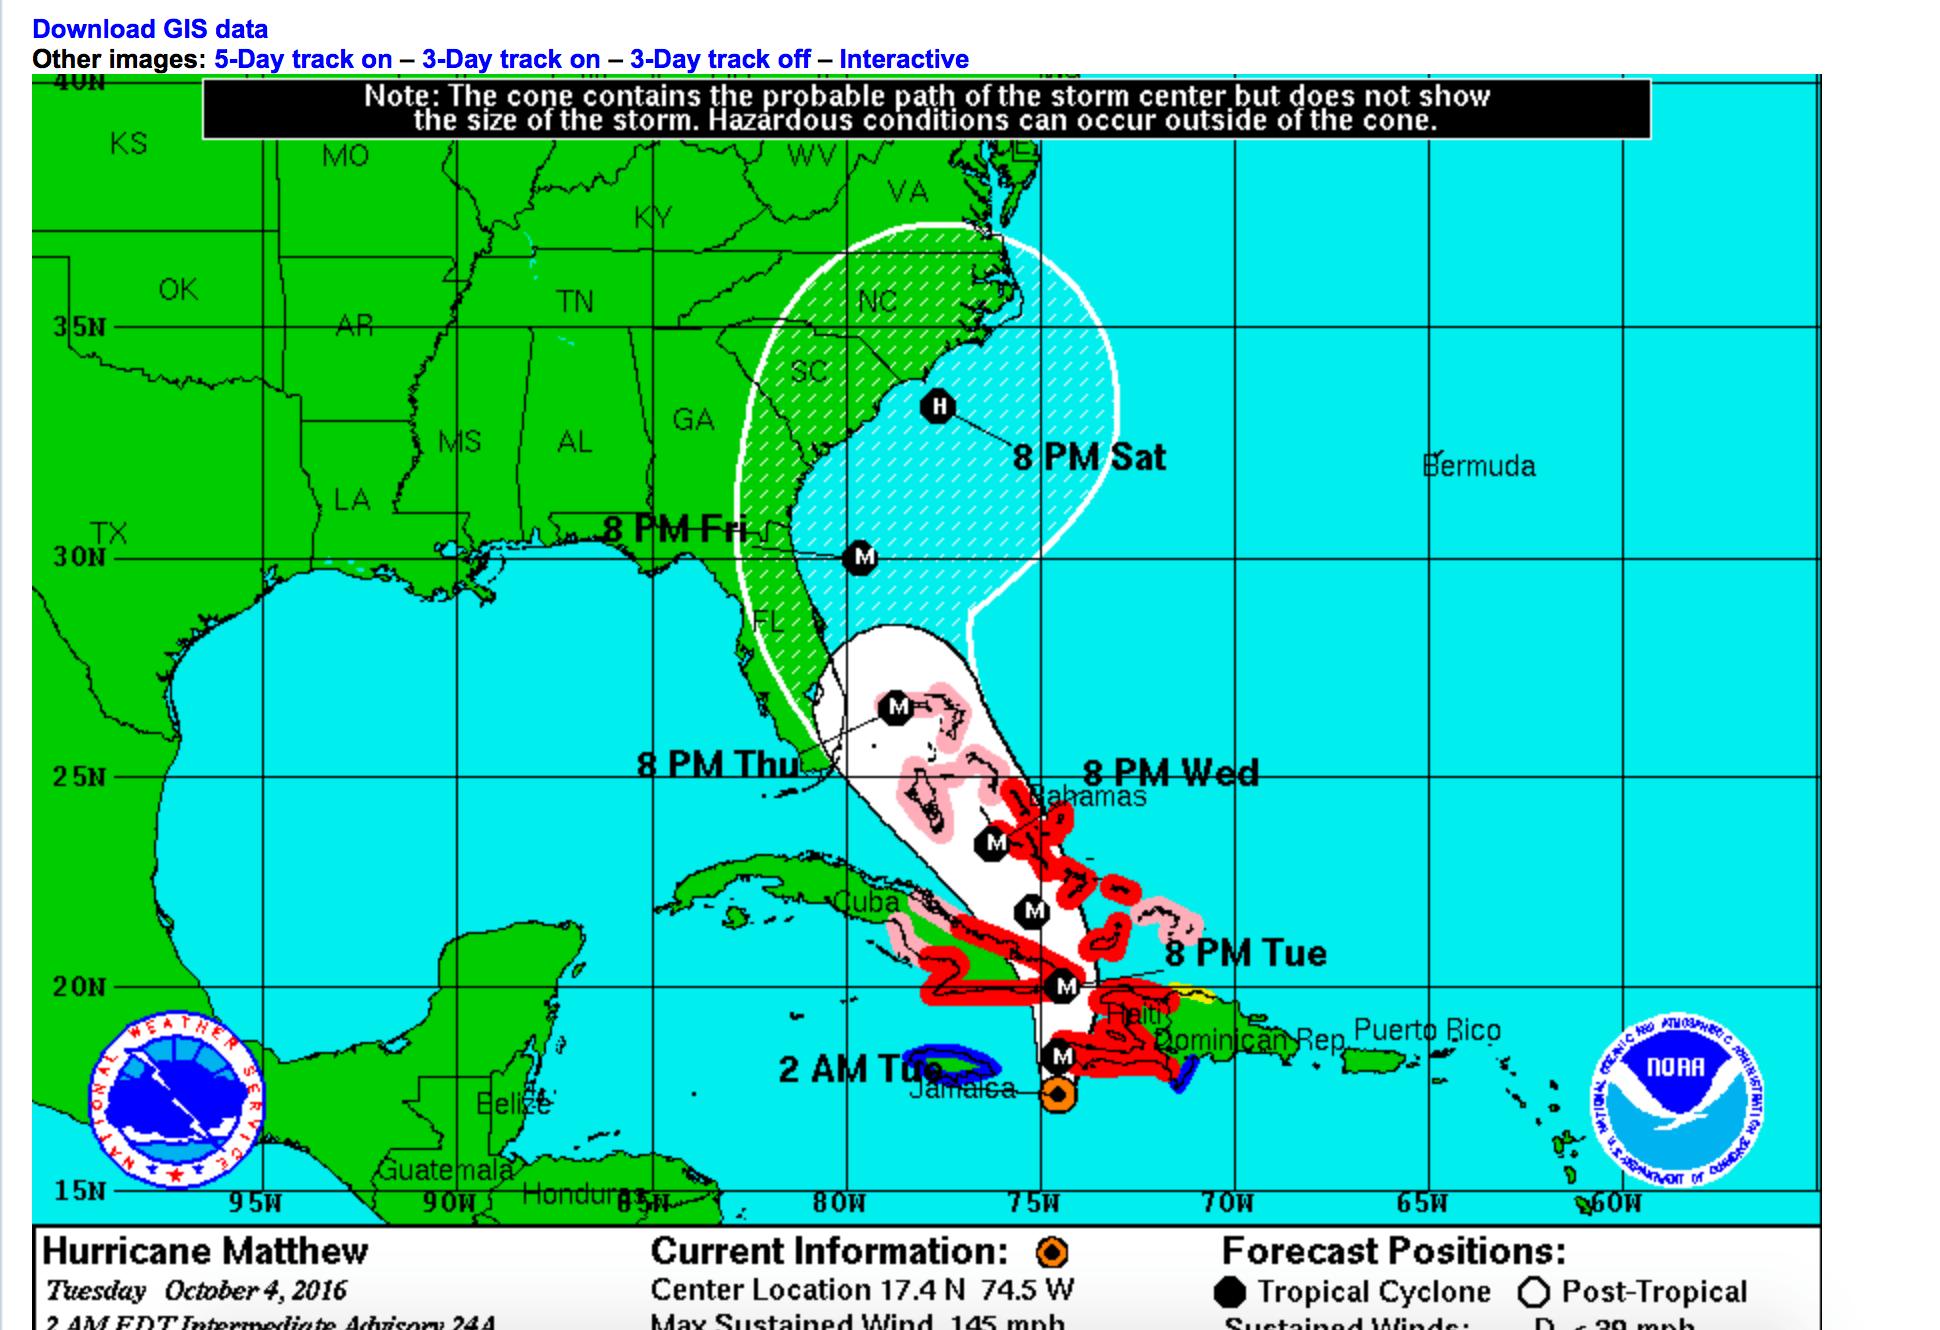 Hurricane Matthew: die vorhergesagte Zugbahn lässt nichts Gutes ahnen